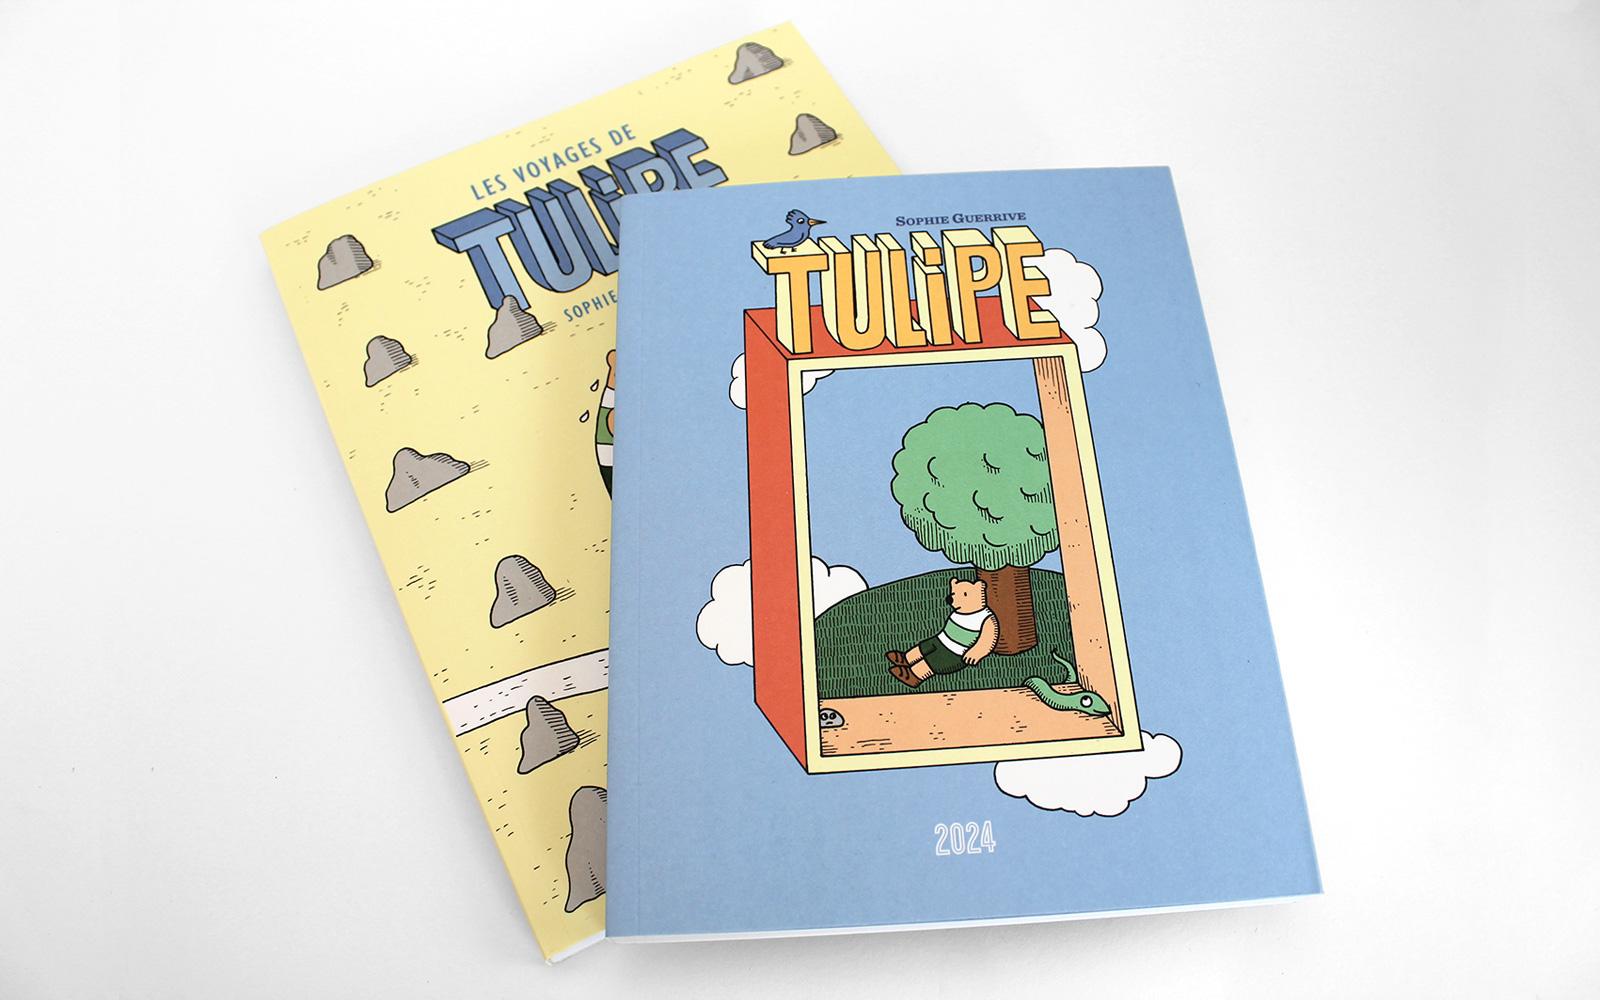 TULIPE_web_9.jpg